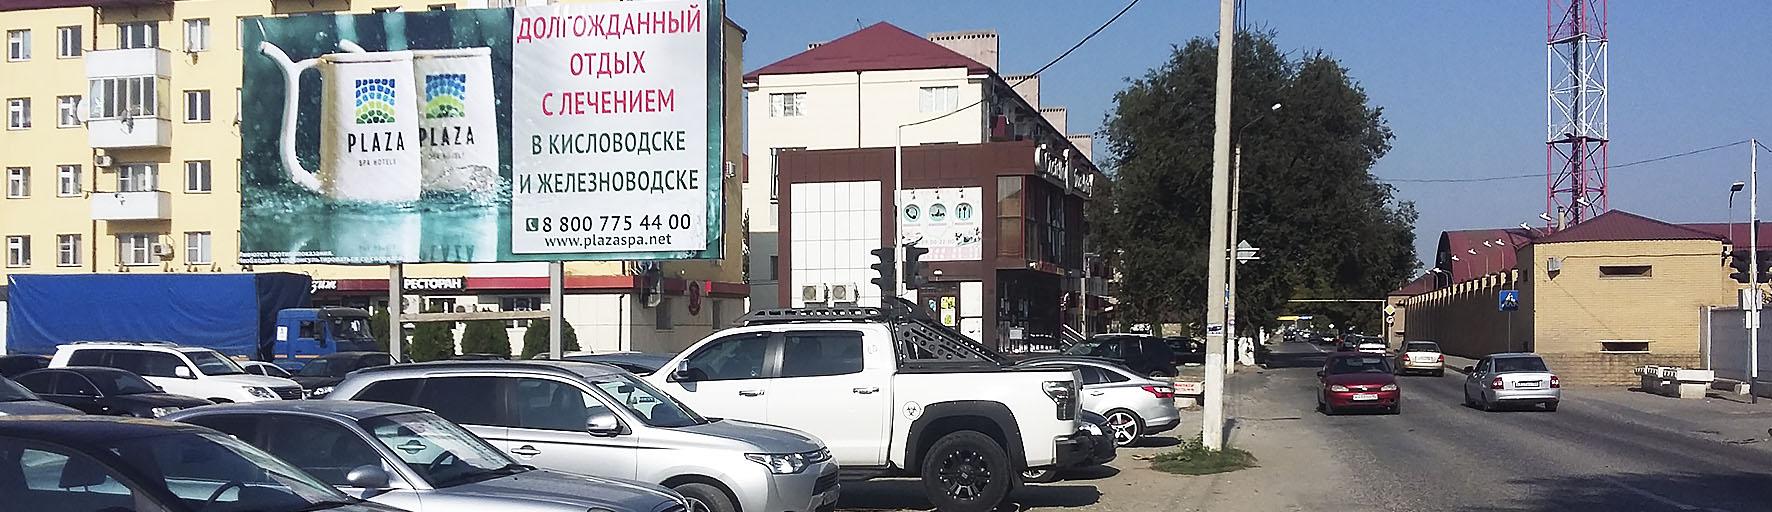 Размещение наружной рекламы Грозный Чечня